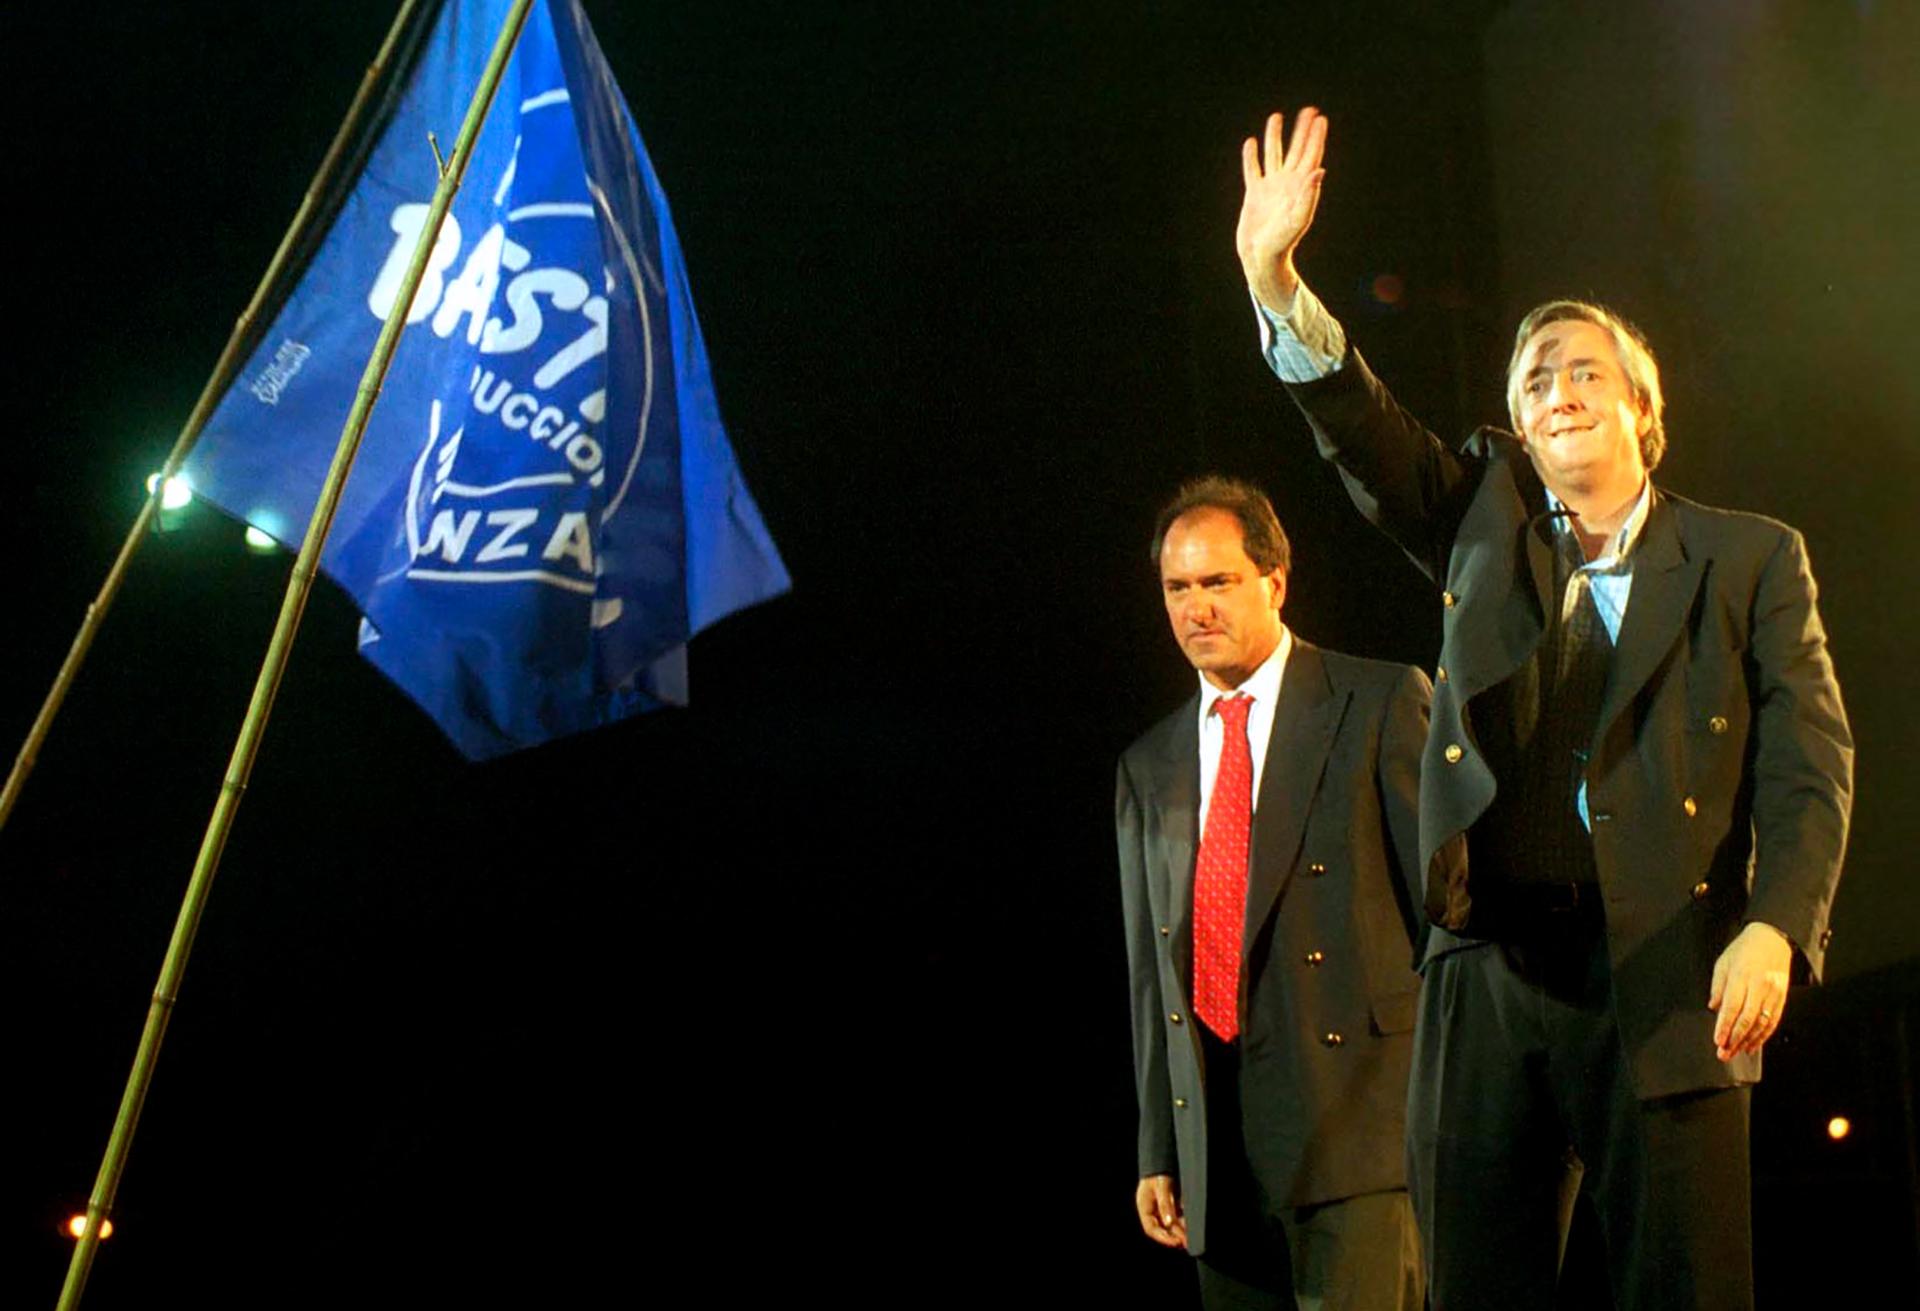 En el 2003, de la mano de Alberto Fernández y con apenas el 22% de los votos obtenidos en la primera vuelta, la fórmula Néstor Kirchner-Daniel Scioli se consagró victoriosa, luego de la renuncia de Carlos Menem a pocos días de la segunda vuelta.